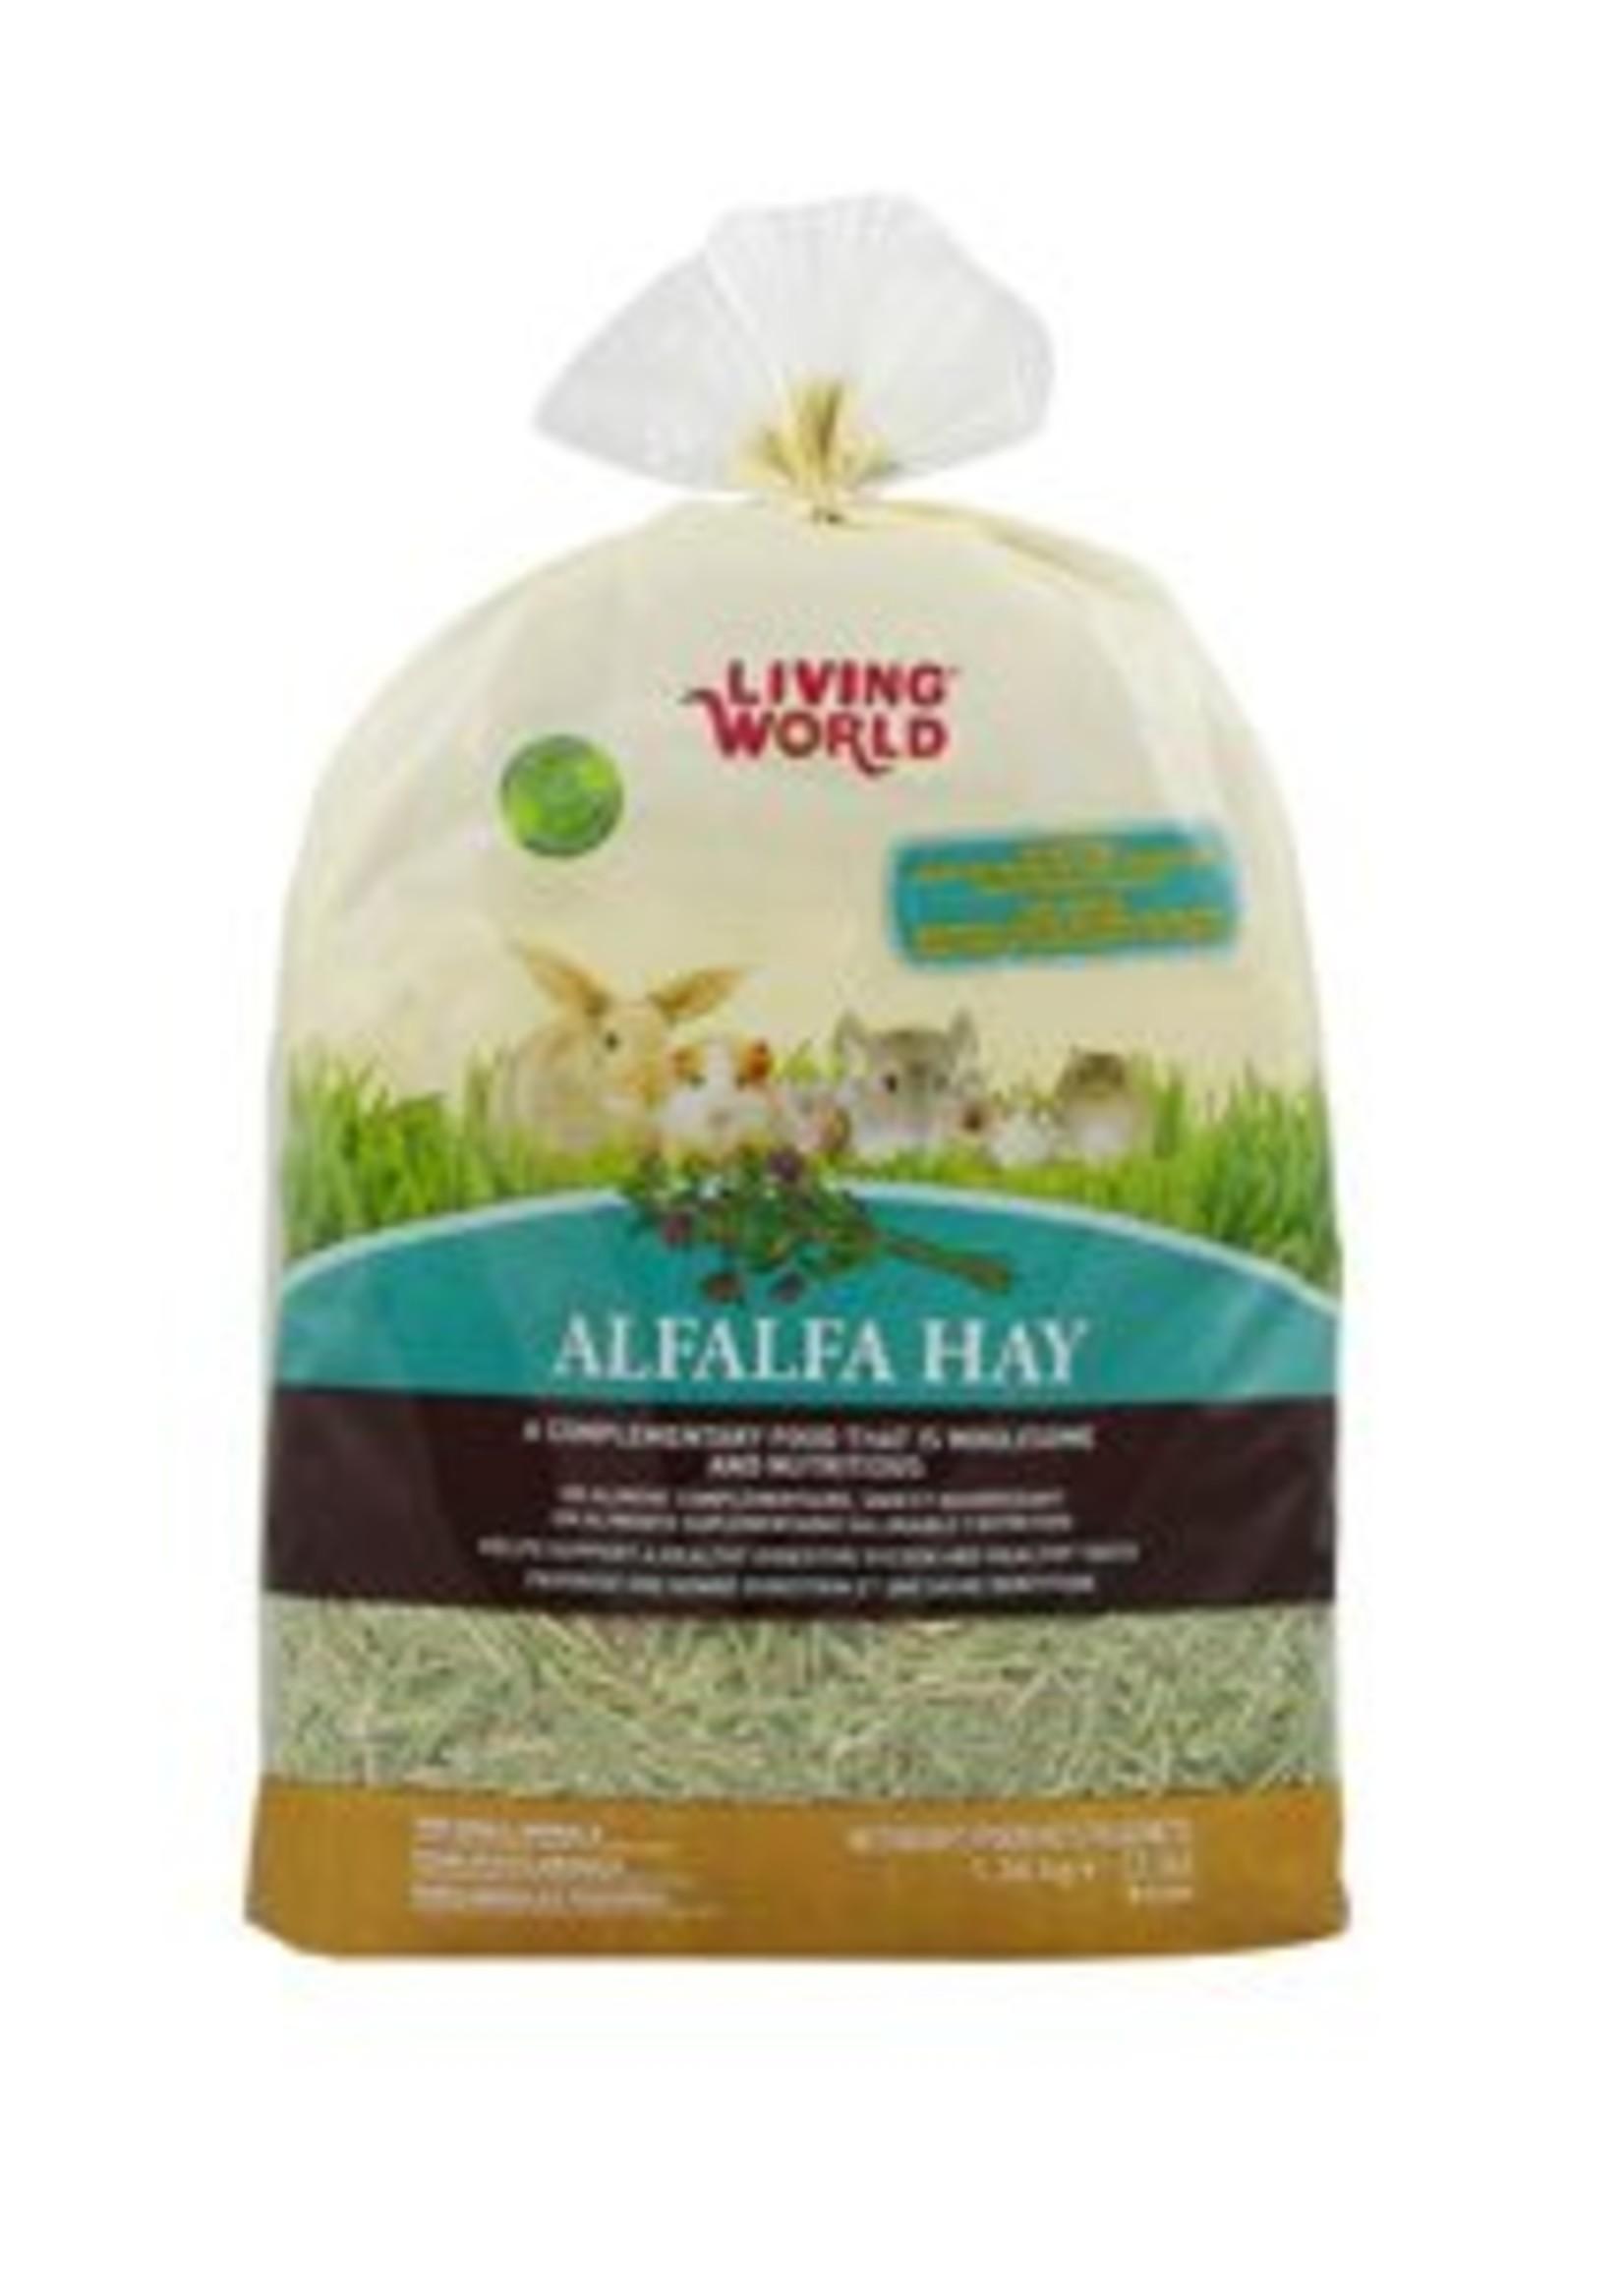 Living World Living World  Alfalfa 48oz, (1362g)